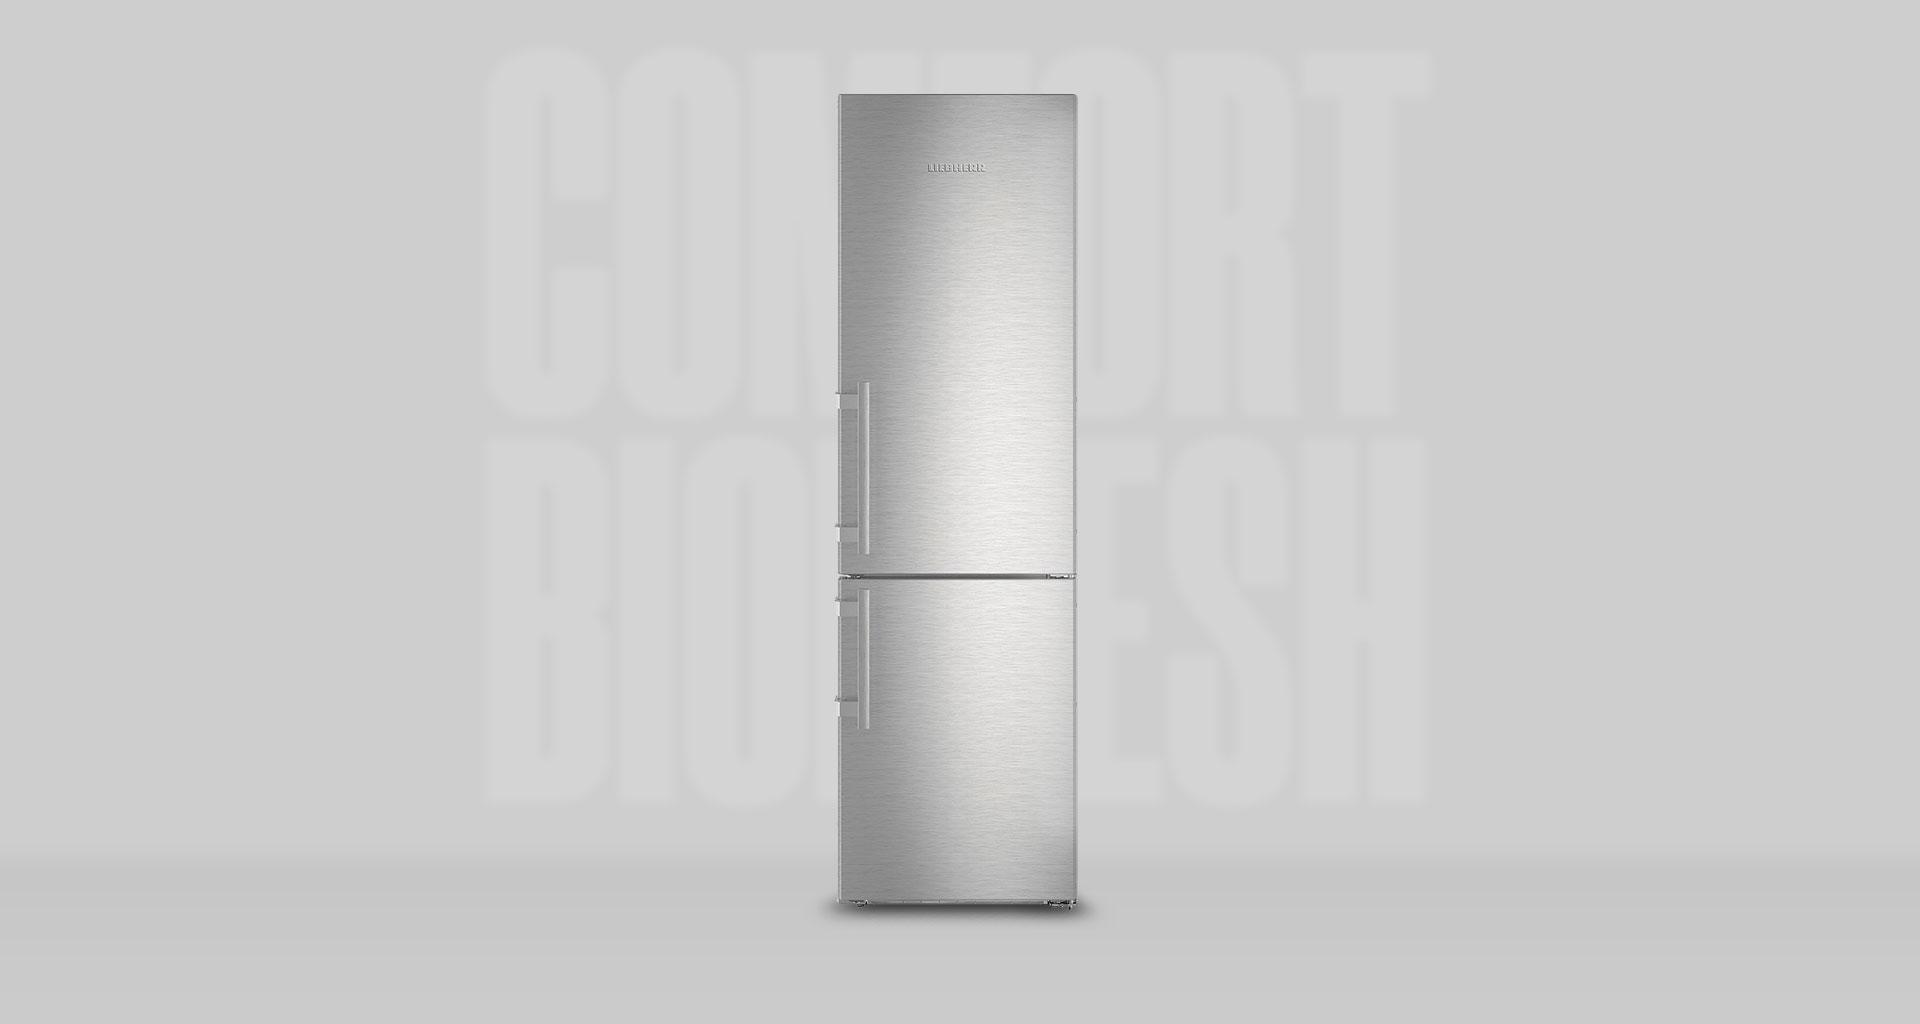 consumo de un frigorífico